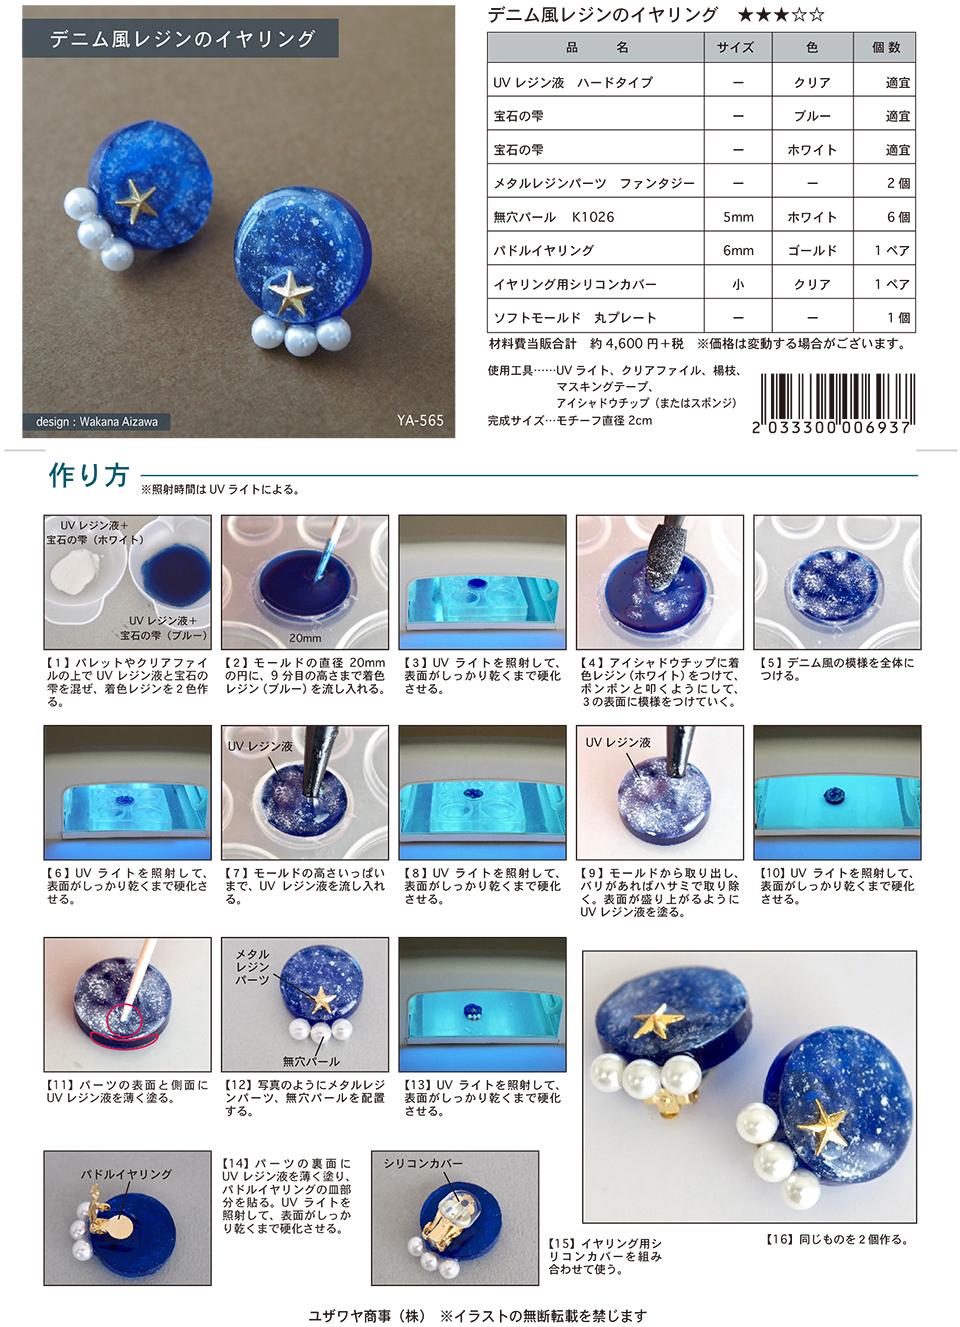 YA-565デニム風レジンのイヤリング_1.jpg